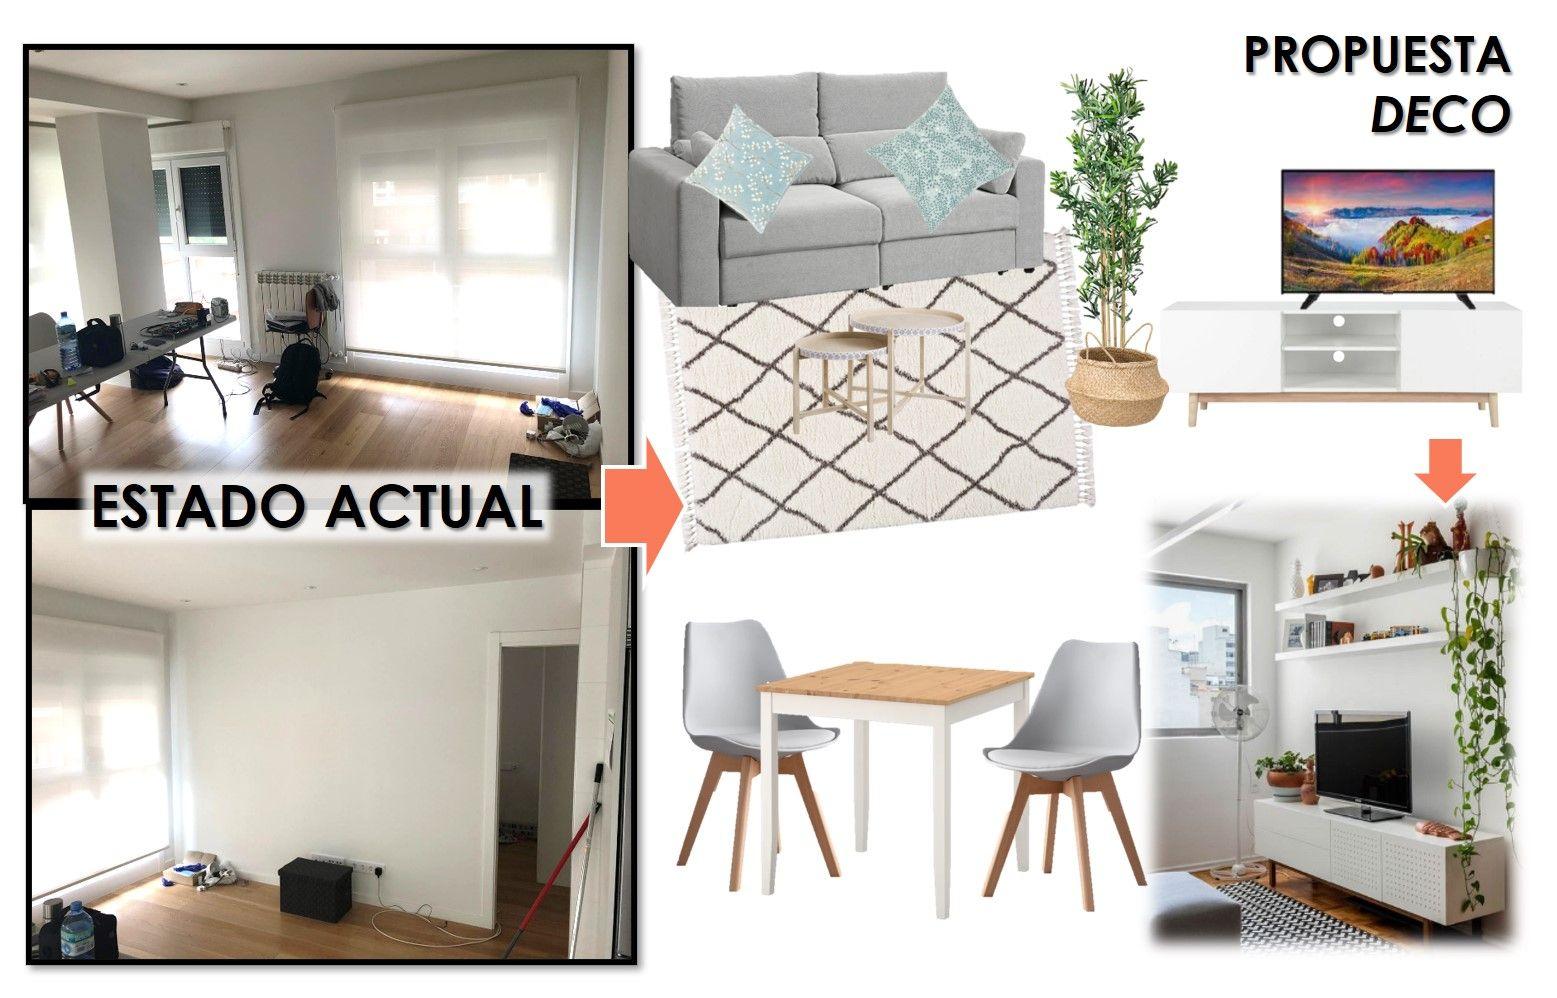 propuesta decorativa para recibidor, salón y cocina 16